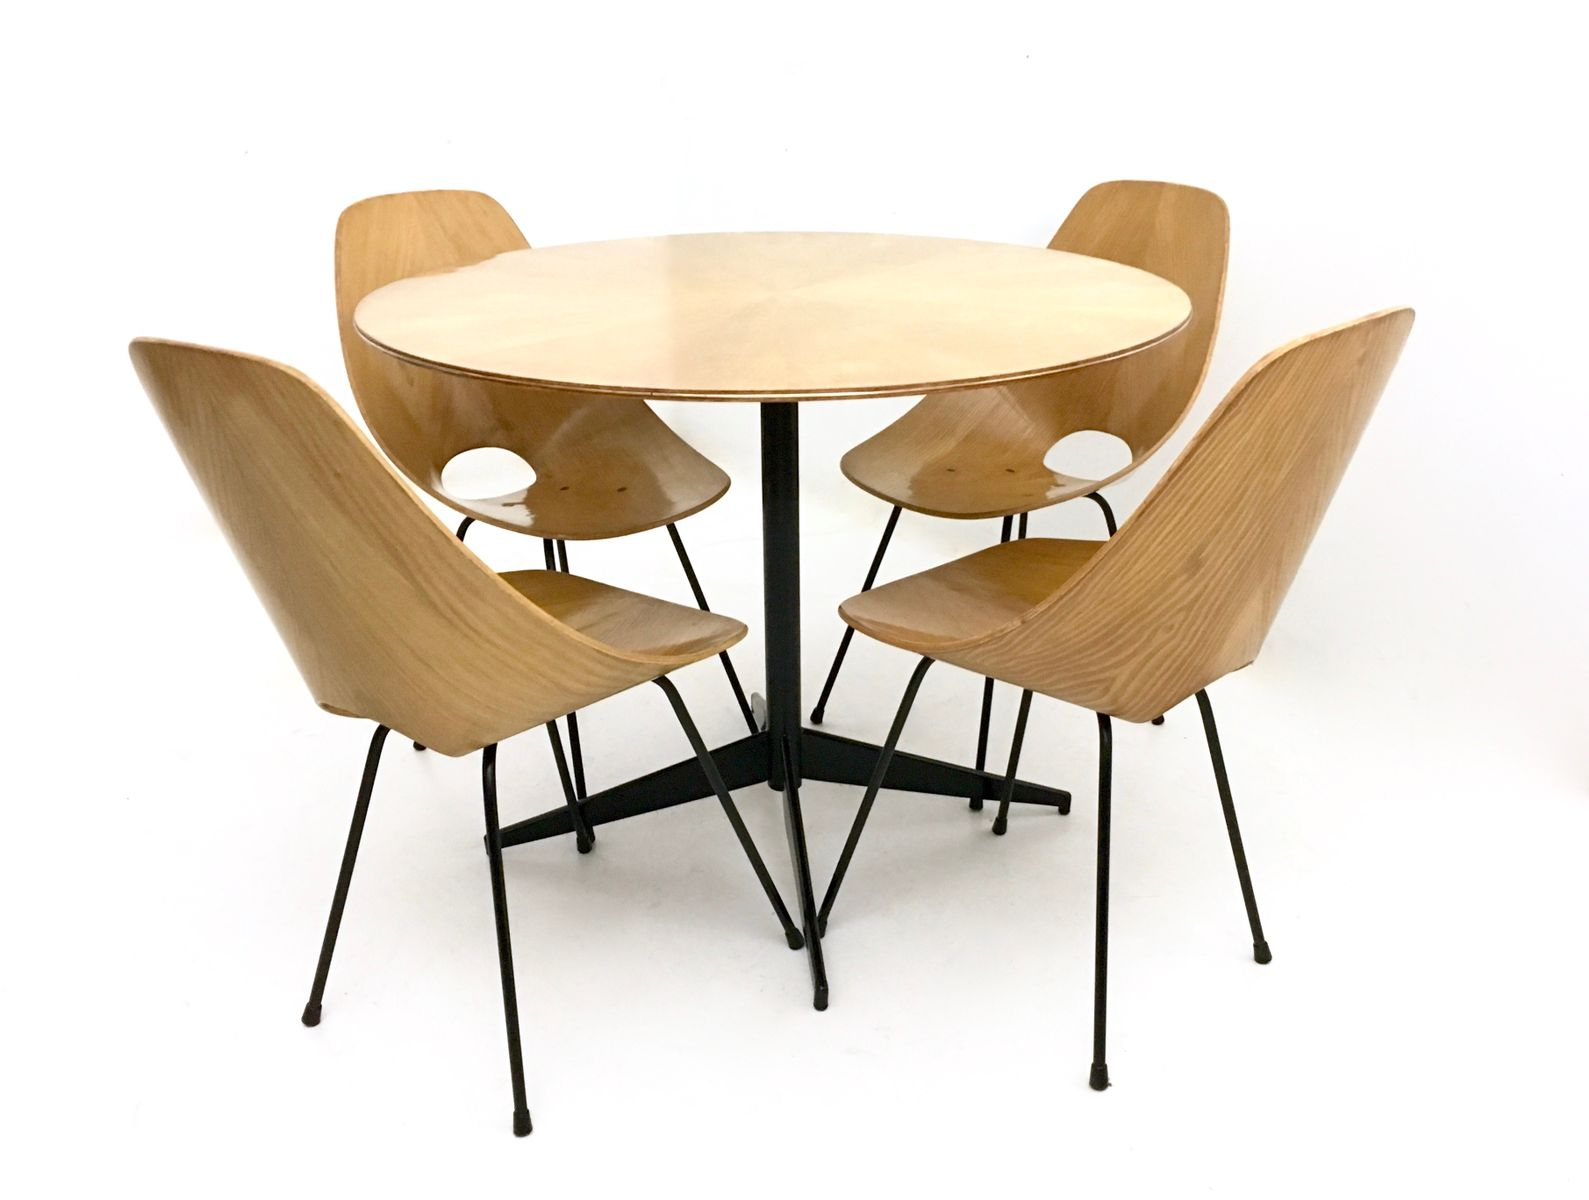 Table de salle a manger avec chaises chaise avec for Table salle a manger avec chaises